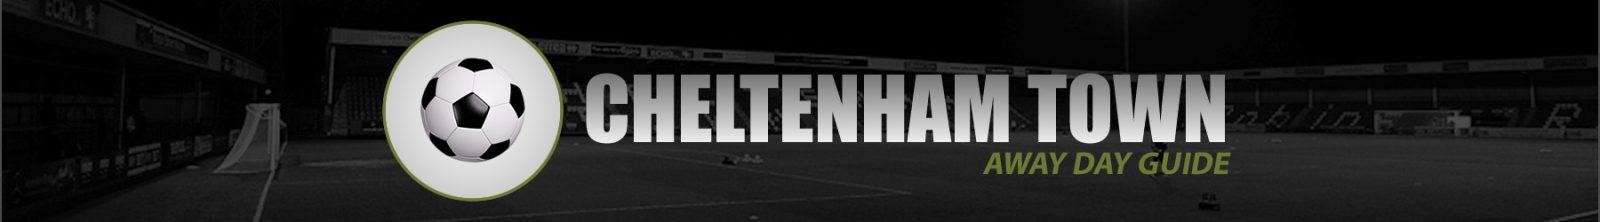 Cheltenham Town Away